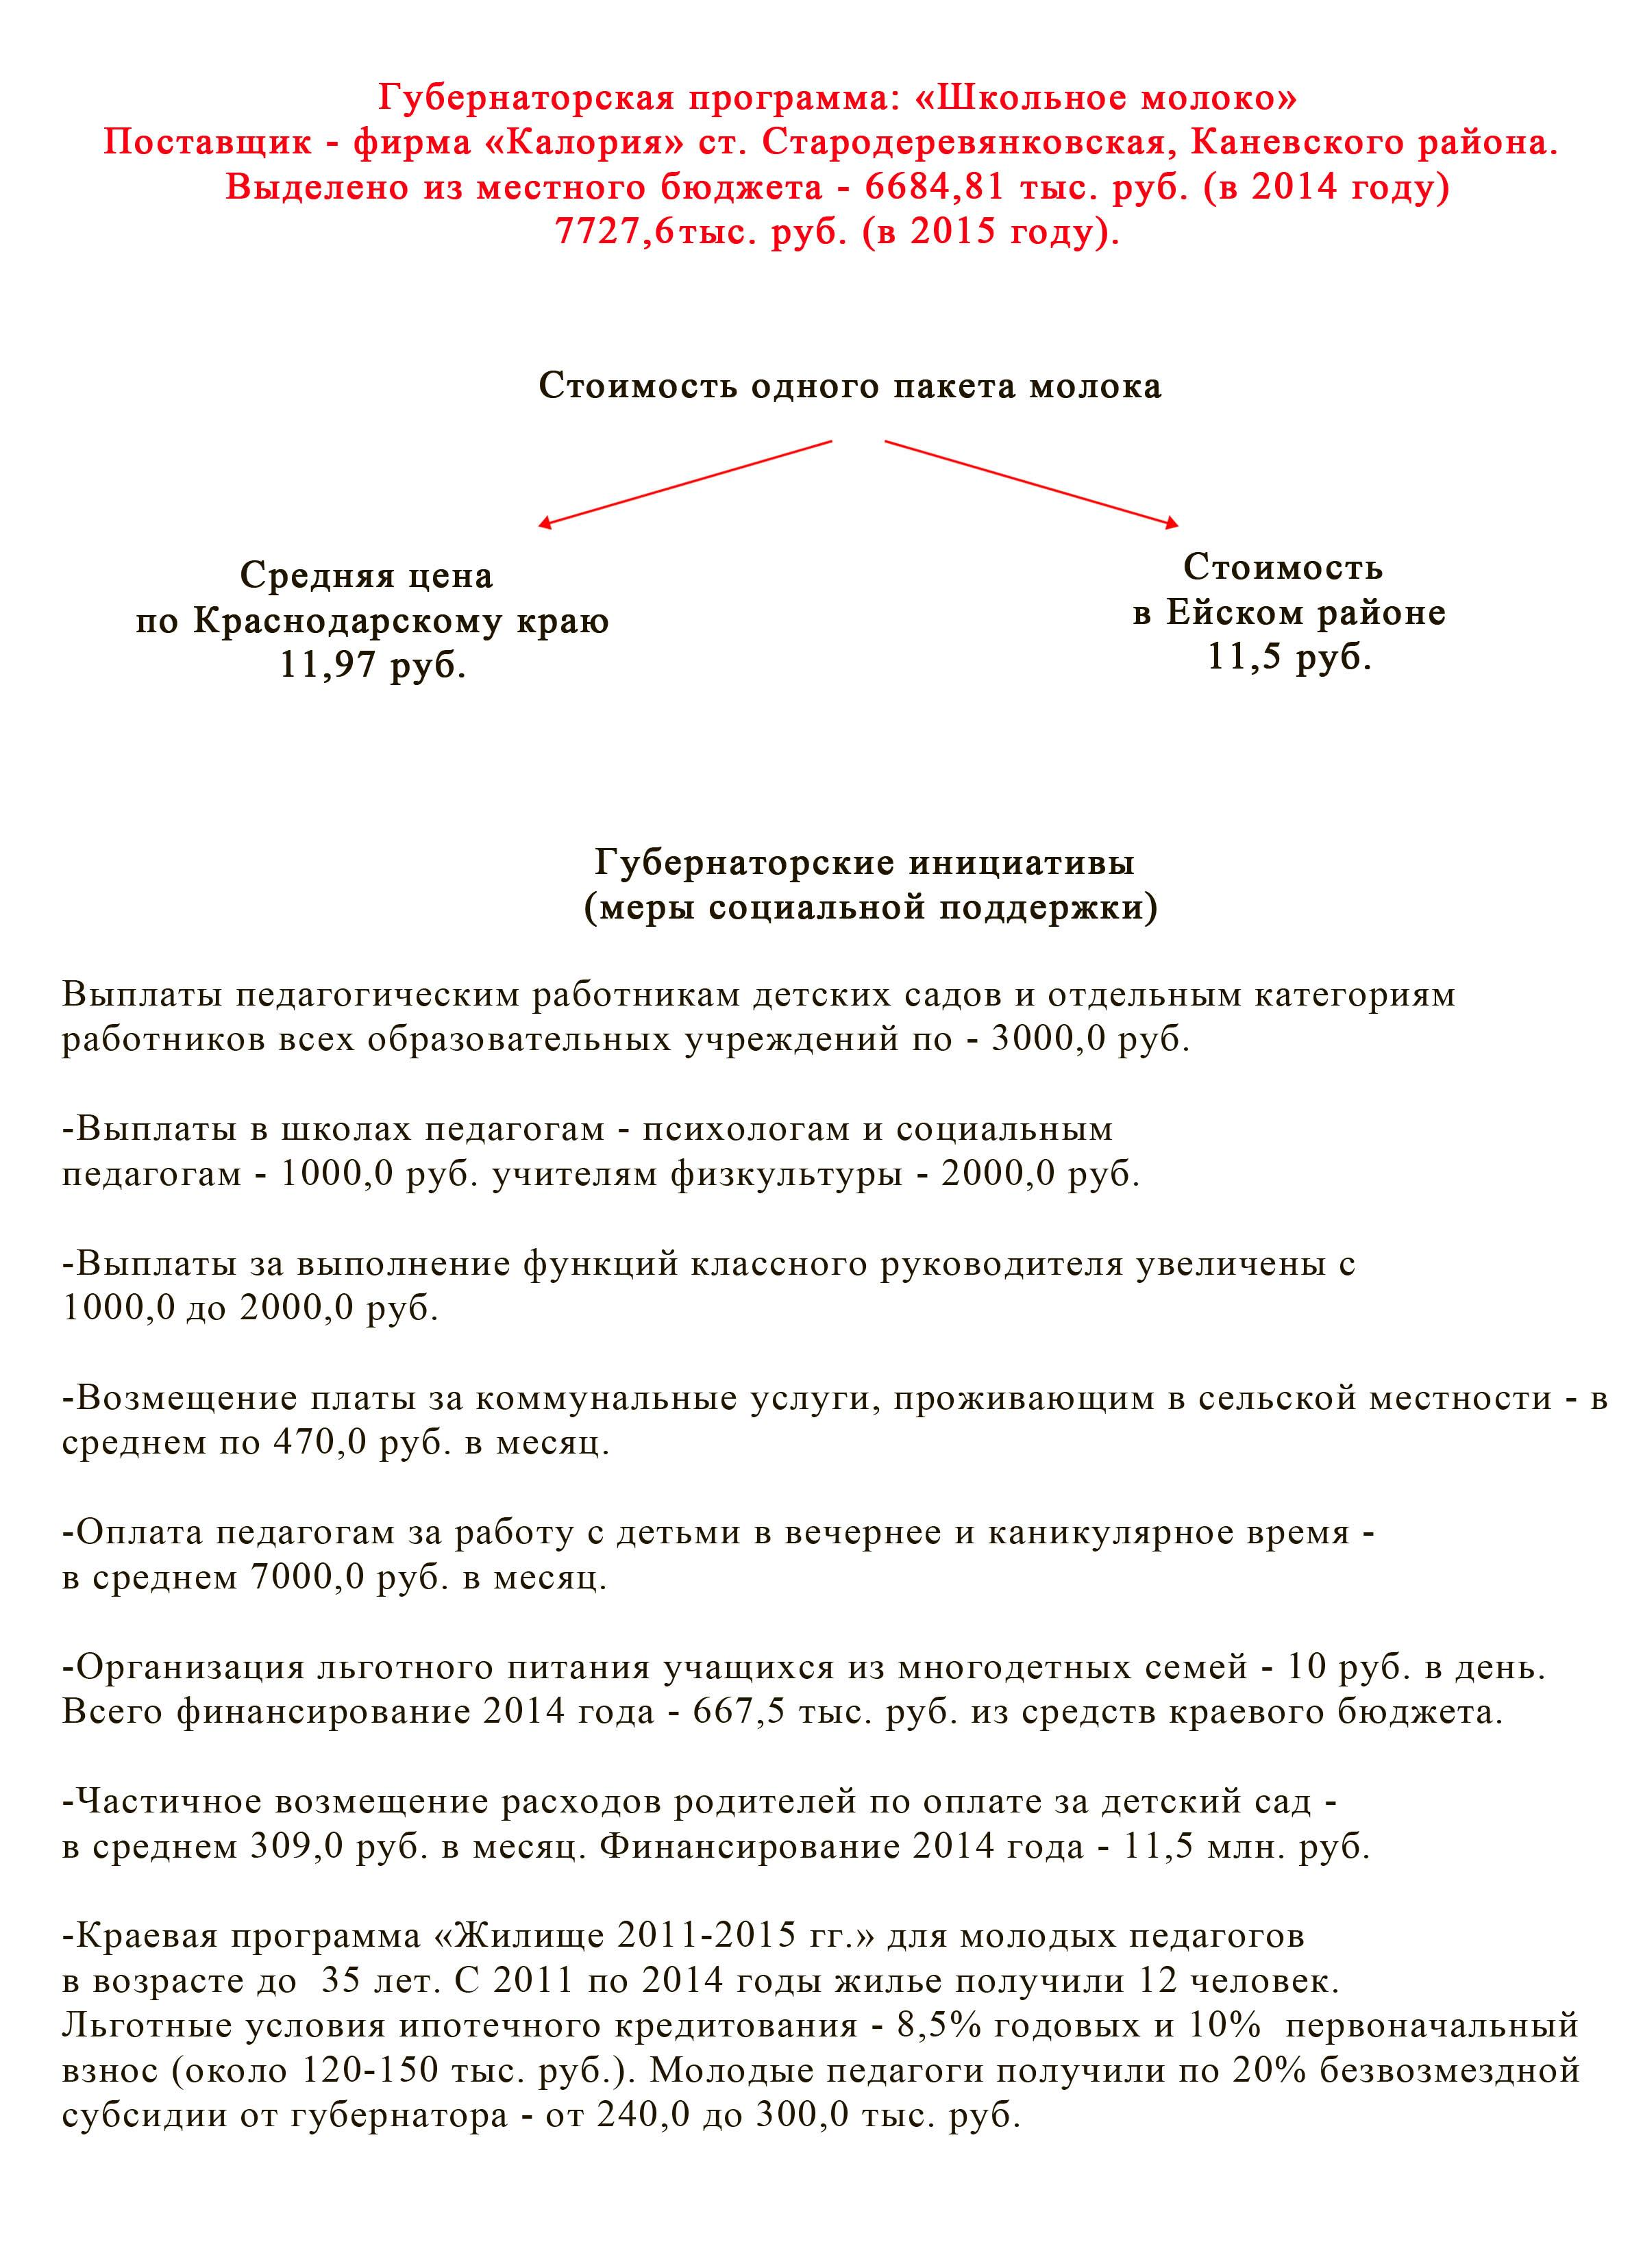 obrazovanie-v-cifrah-6